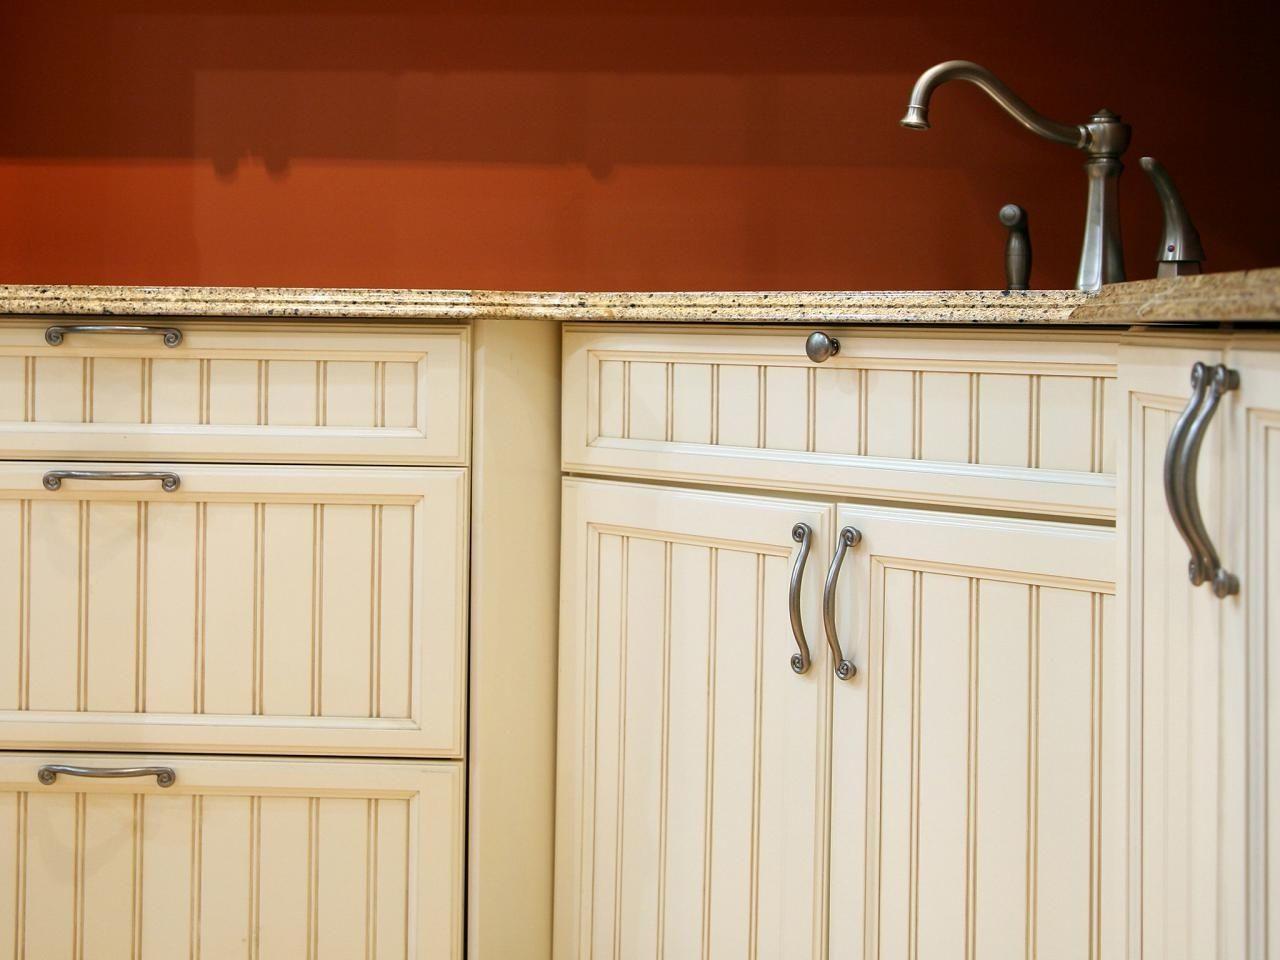 Viertel runde küchenschränke küche griffe dekorative schublade knöpfe glas schublade zieht küche